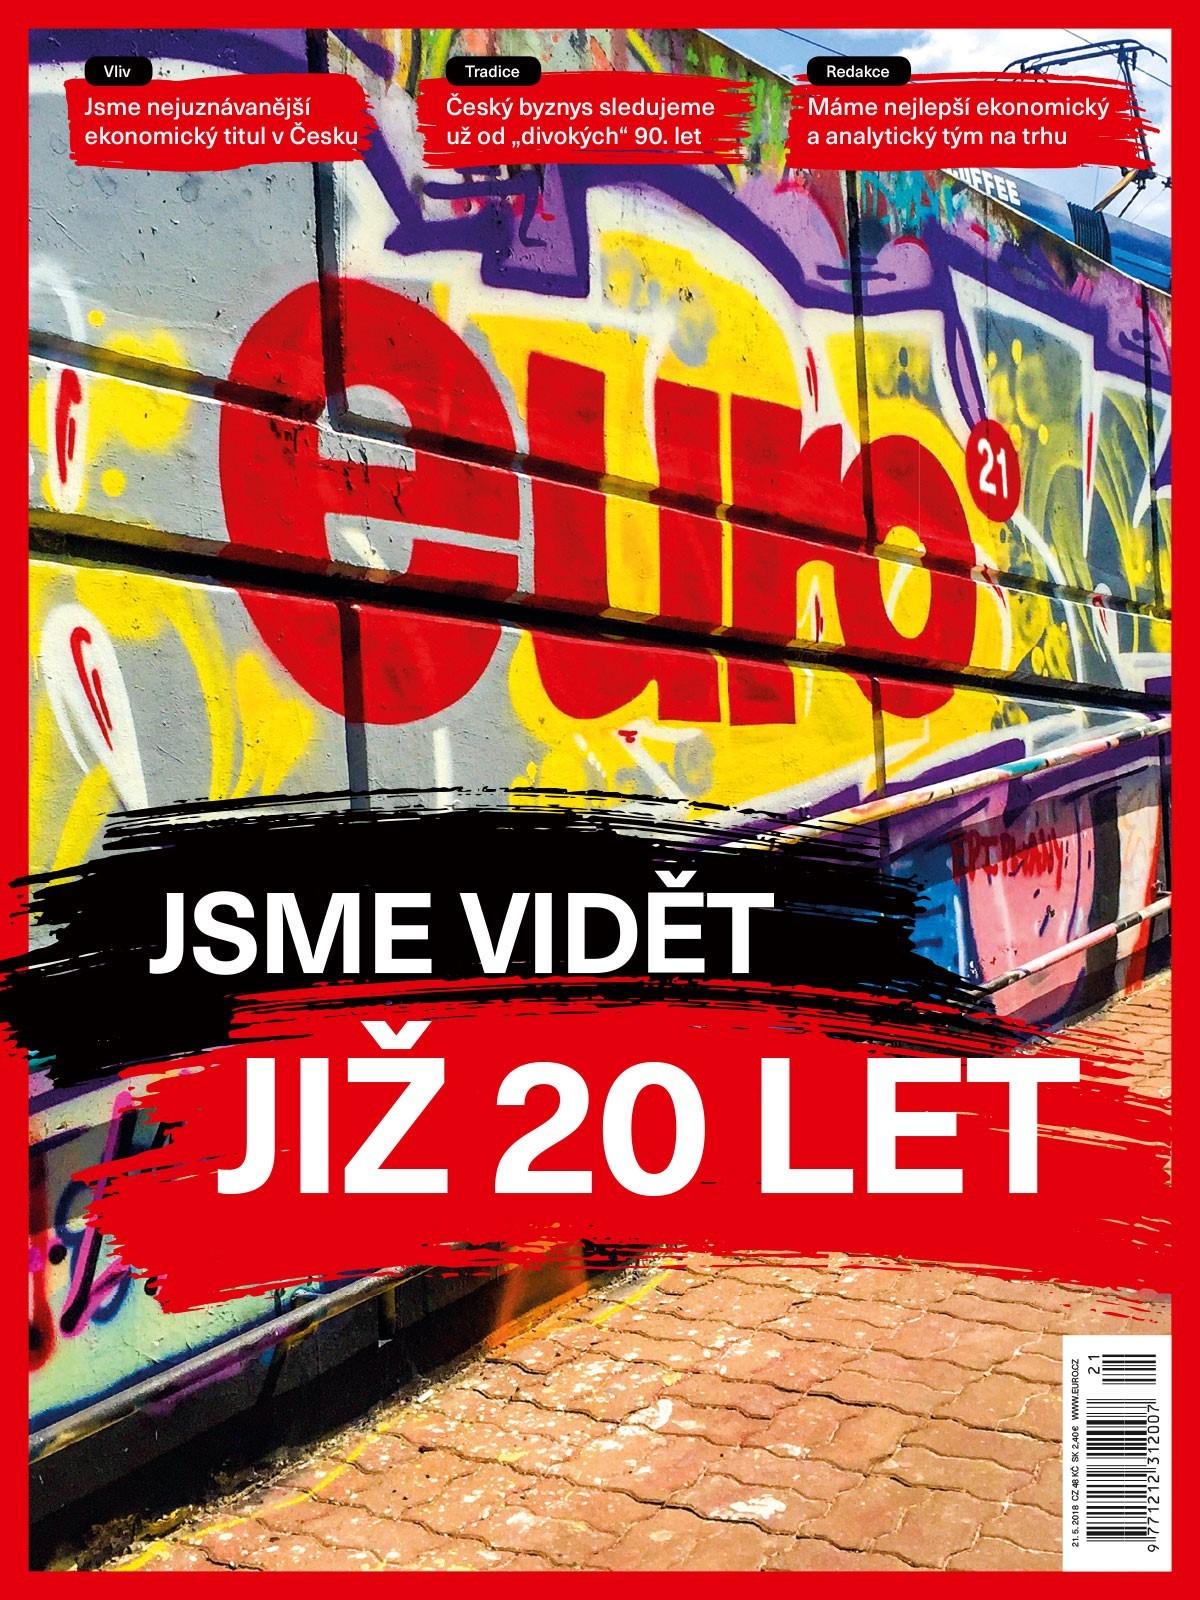 Nová podoba titulní strany týdeníku Euro, číslo 21/2018